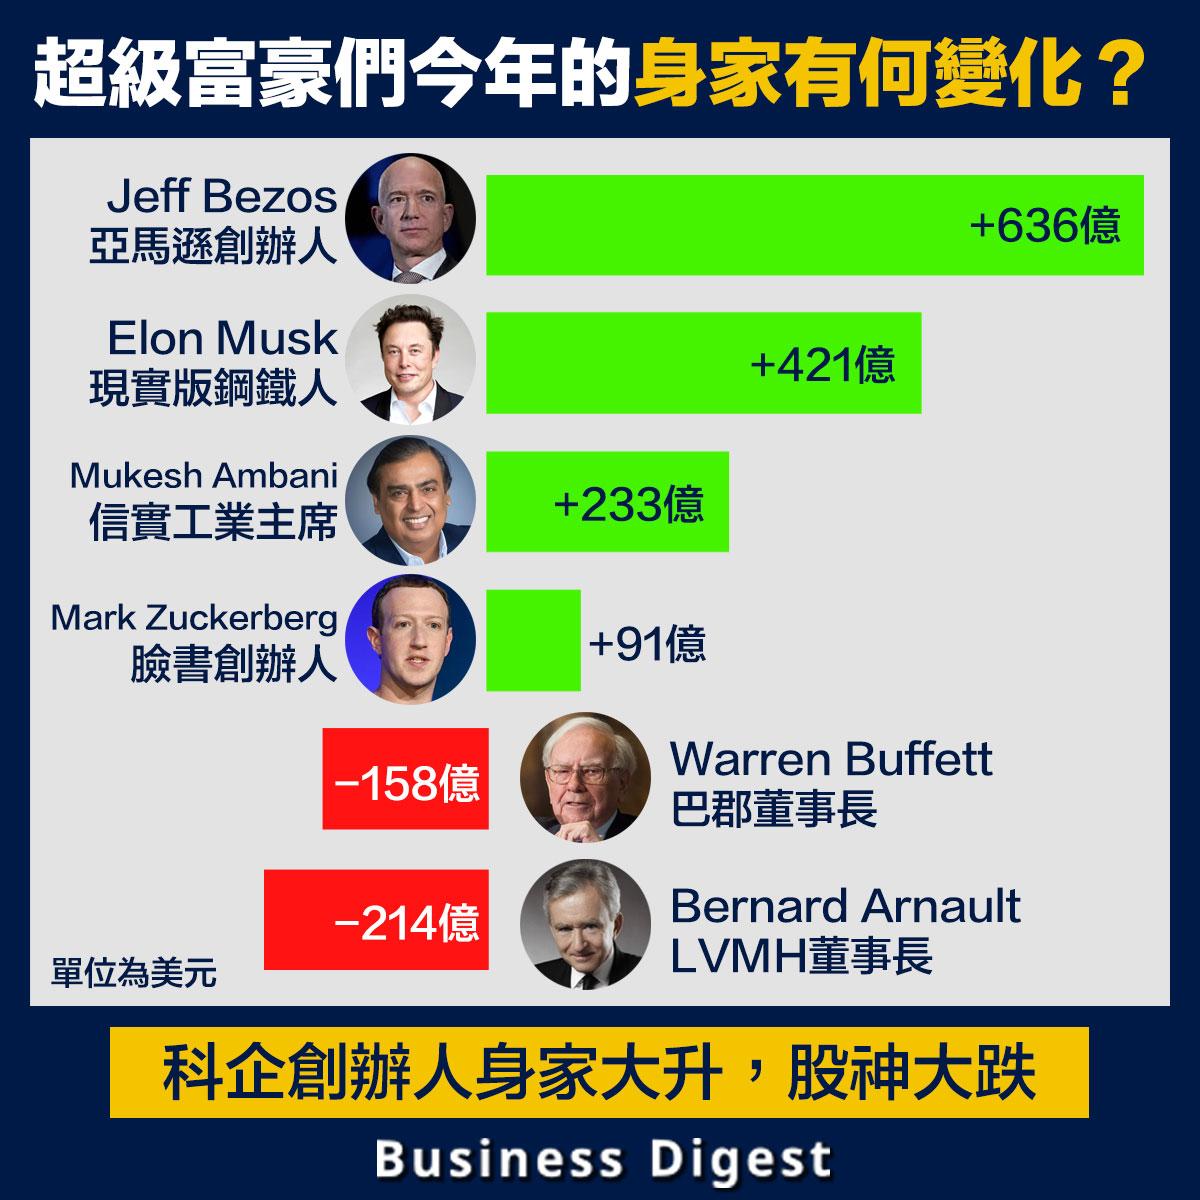 【從數據認識經濟】超級富豪們今年的身家有何變化?科企創辦人身家大升